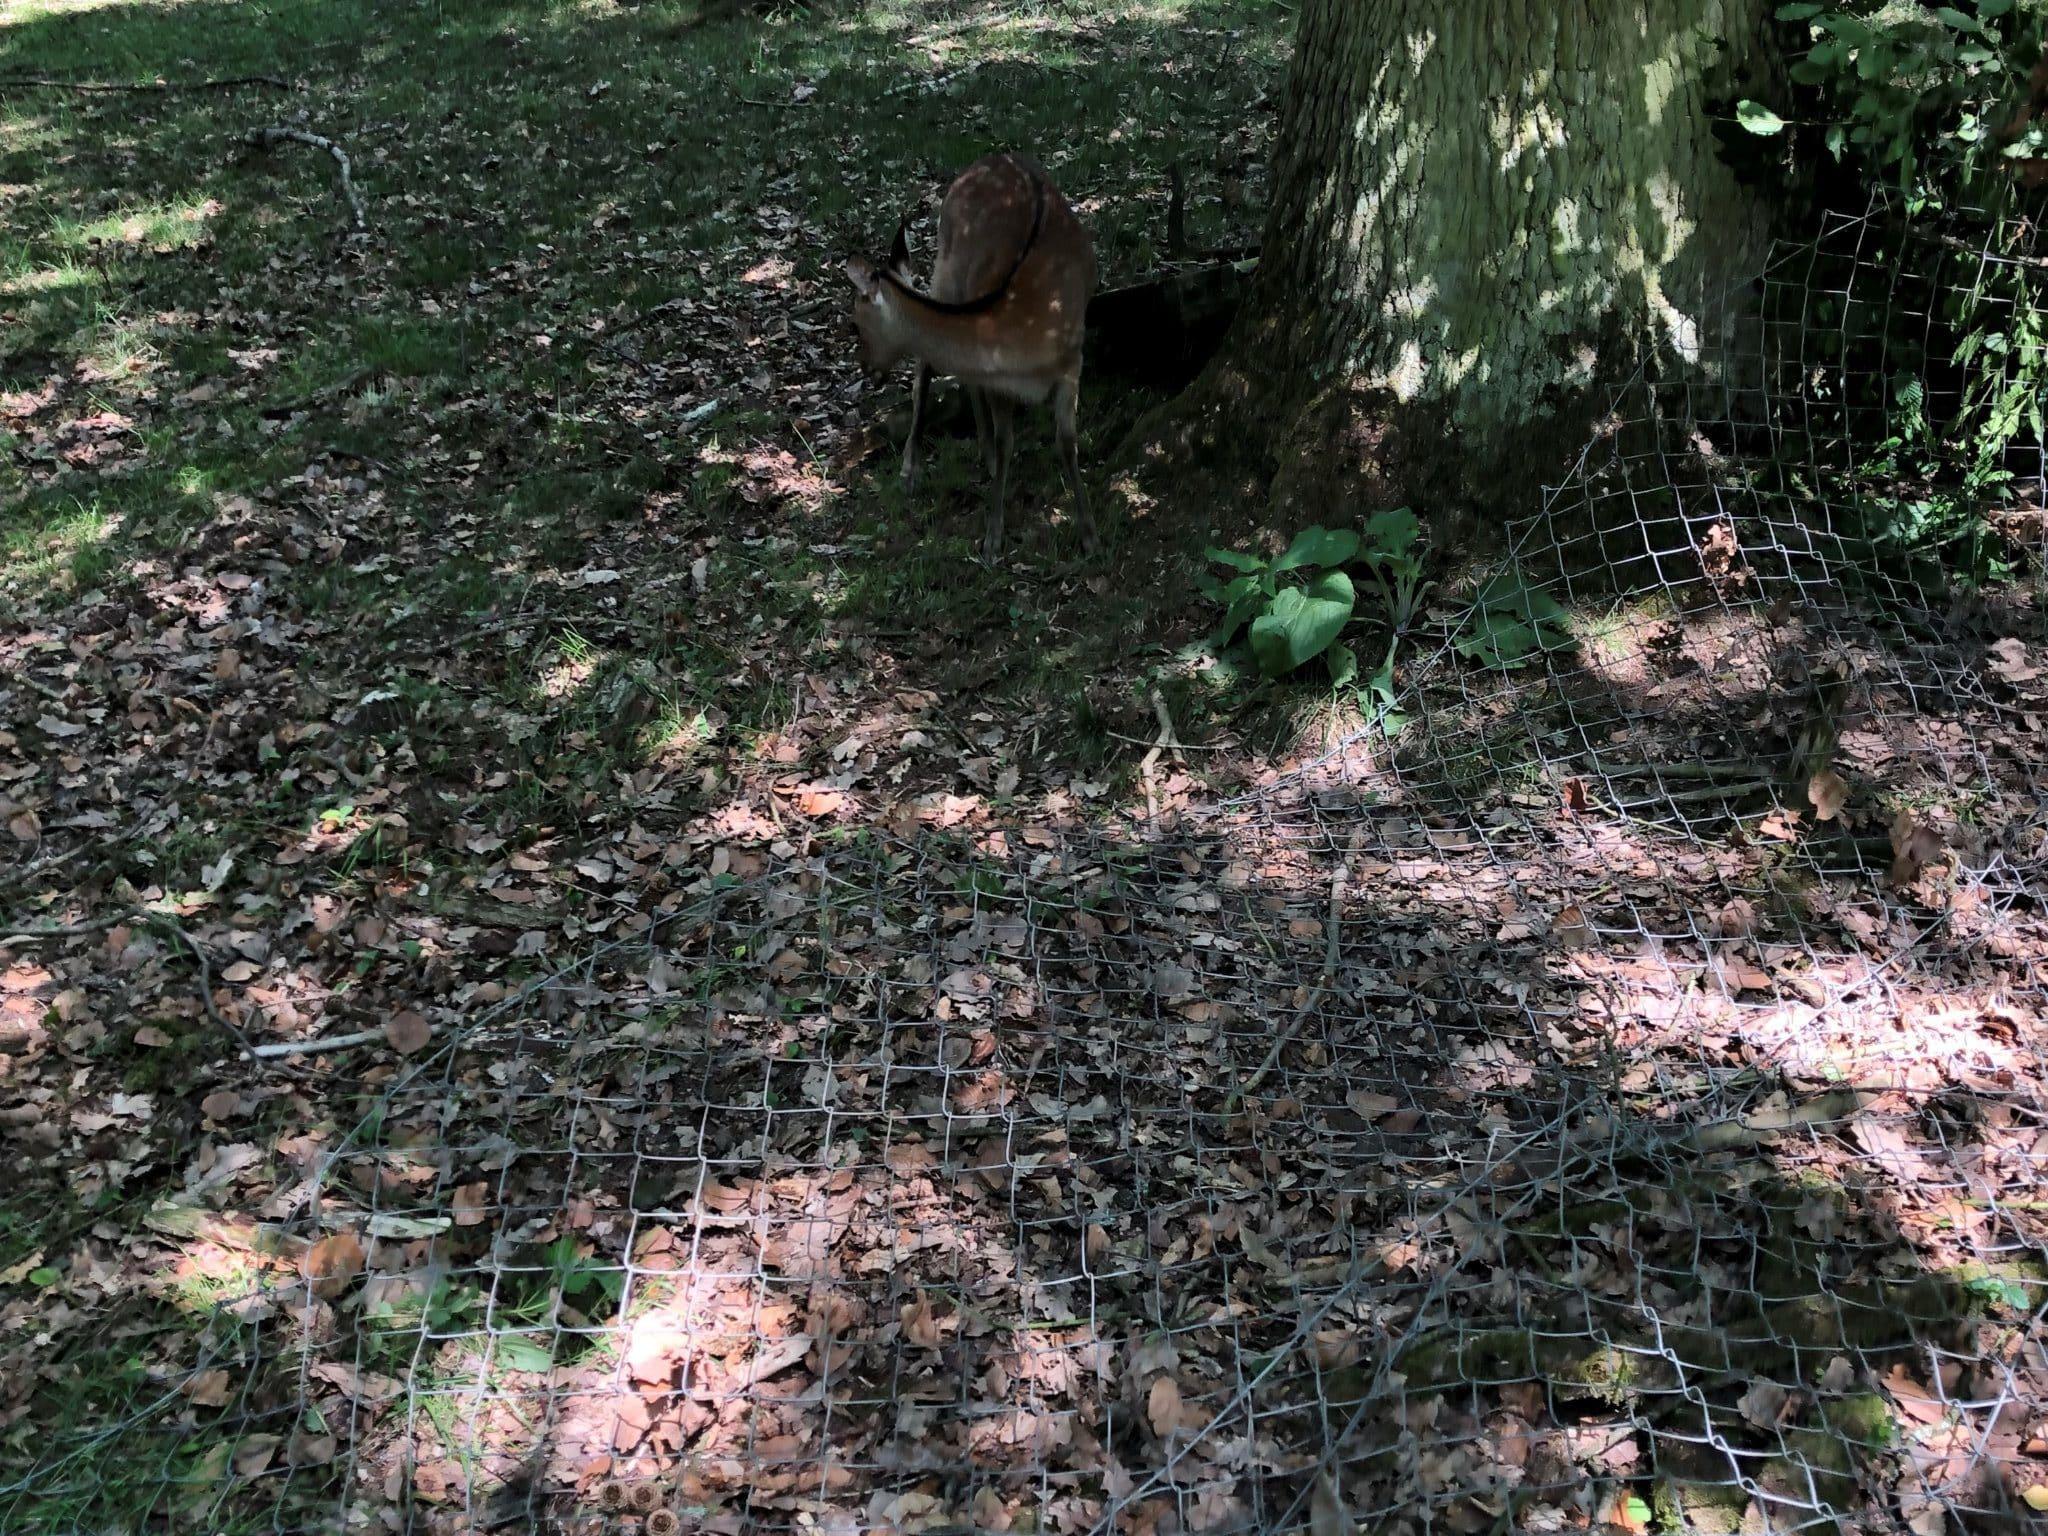 umgelegtes Gefelcht als Untergrabschutz Otterschutz Wolfschutz Wildschweinschutz